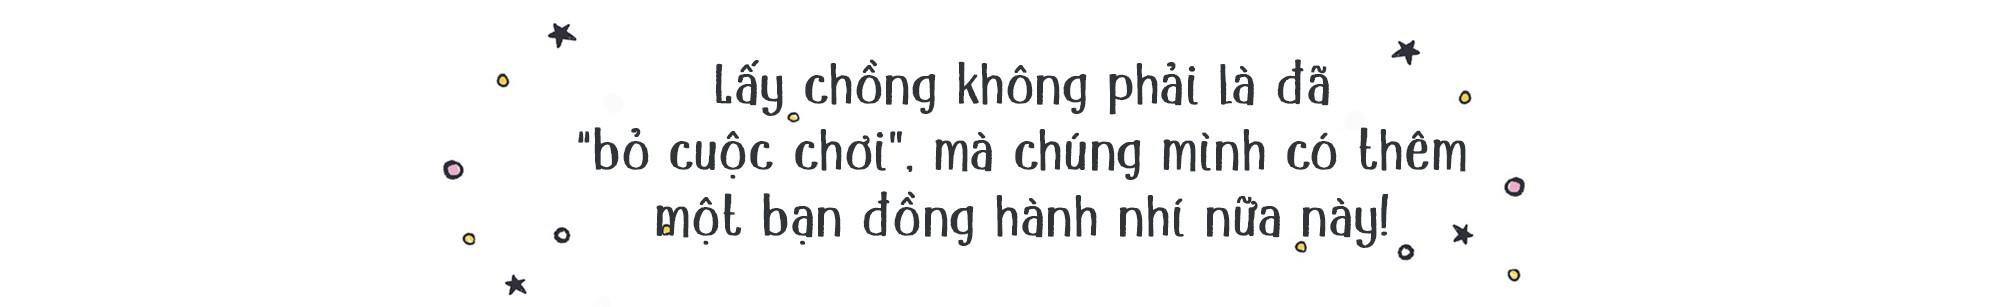 """Hot family Trang Lou & Tùng Sơn: Kết hôn sớm, chúng mình có thêm """"bạn đồng hành"""" nhí để đi khắp thế gian - Ảnh 8."""